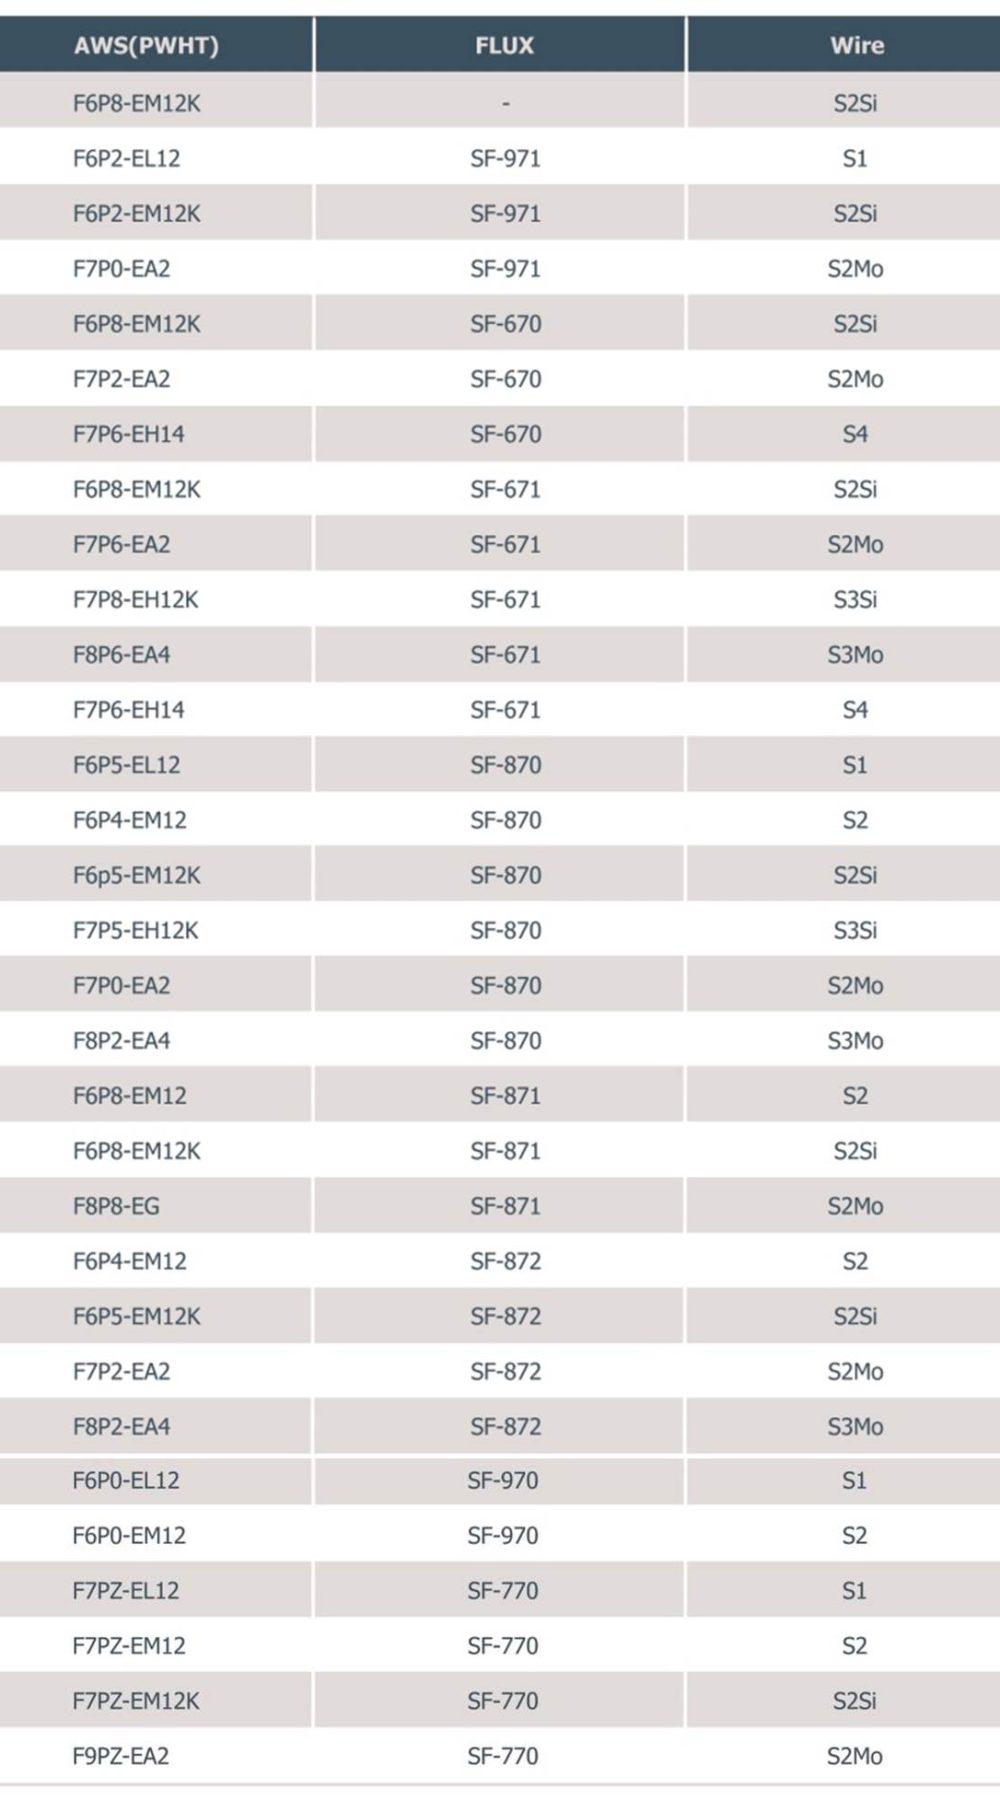 انخاب-بر-اساس-استاندارد-AWSPWHT-1000x1800